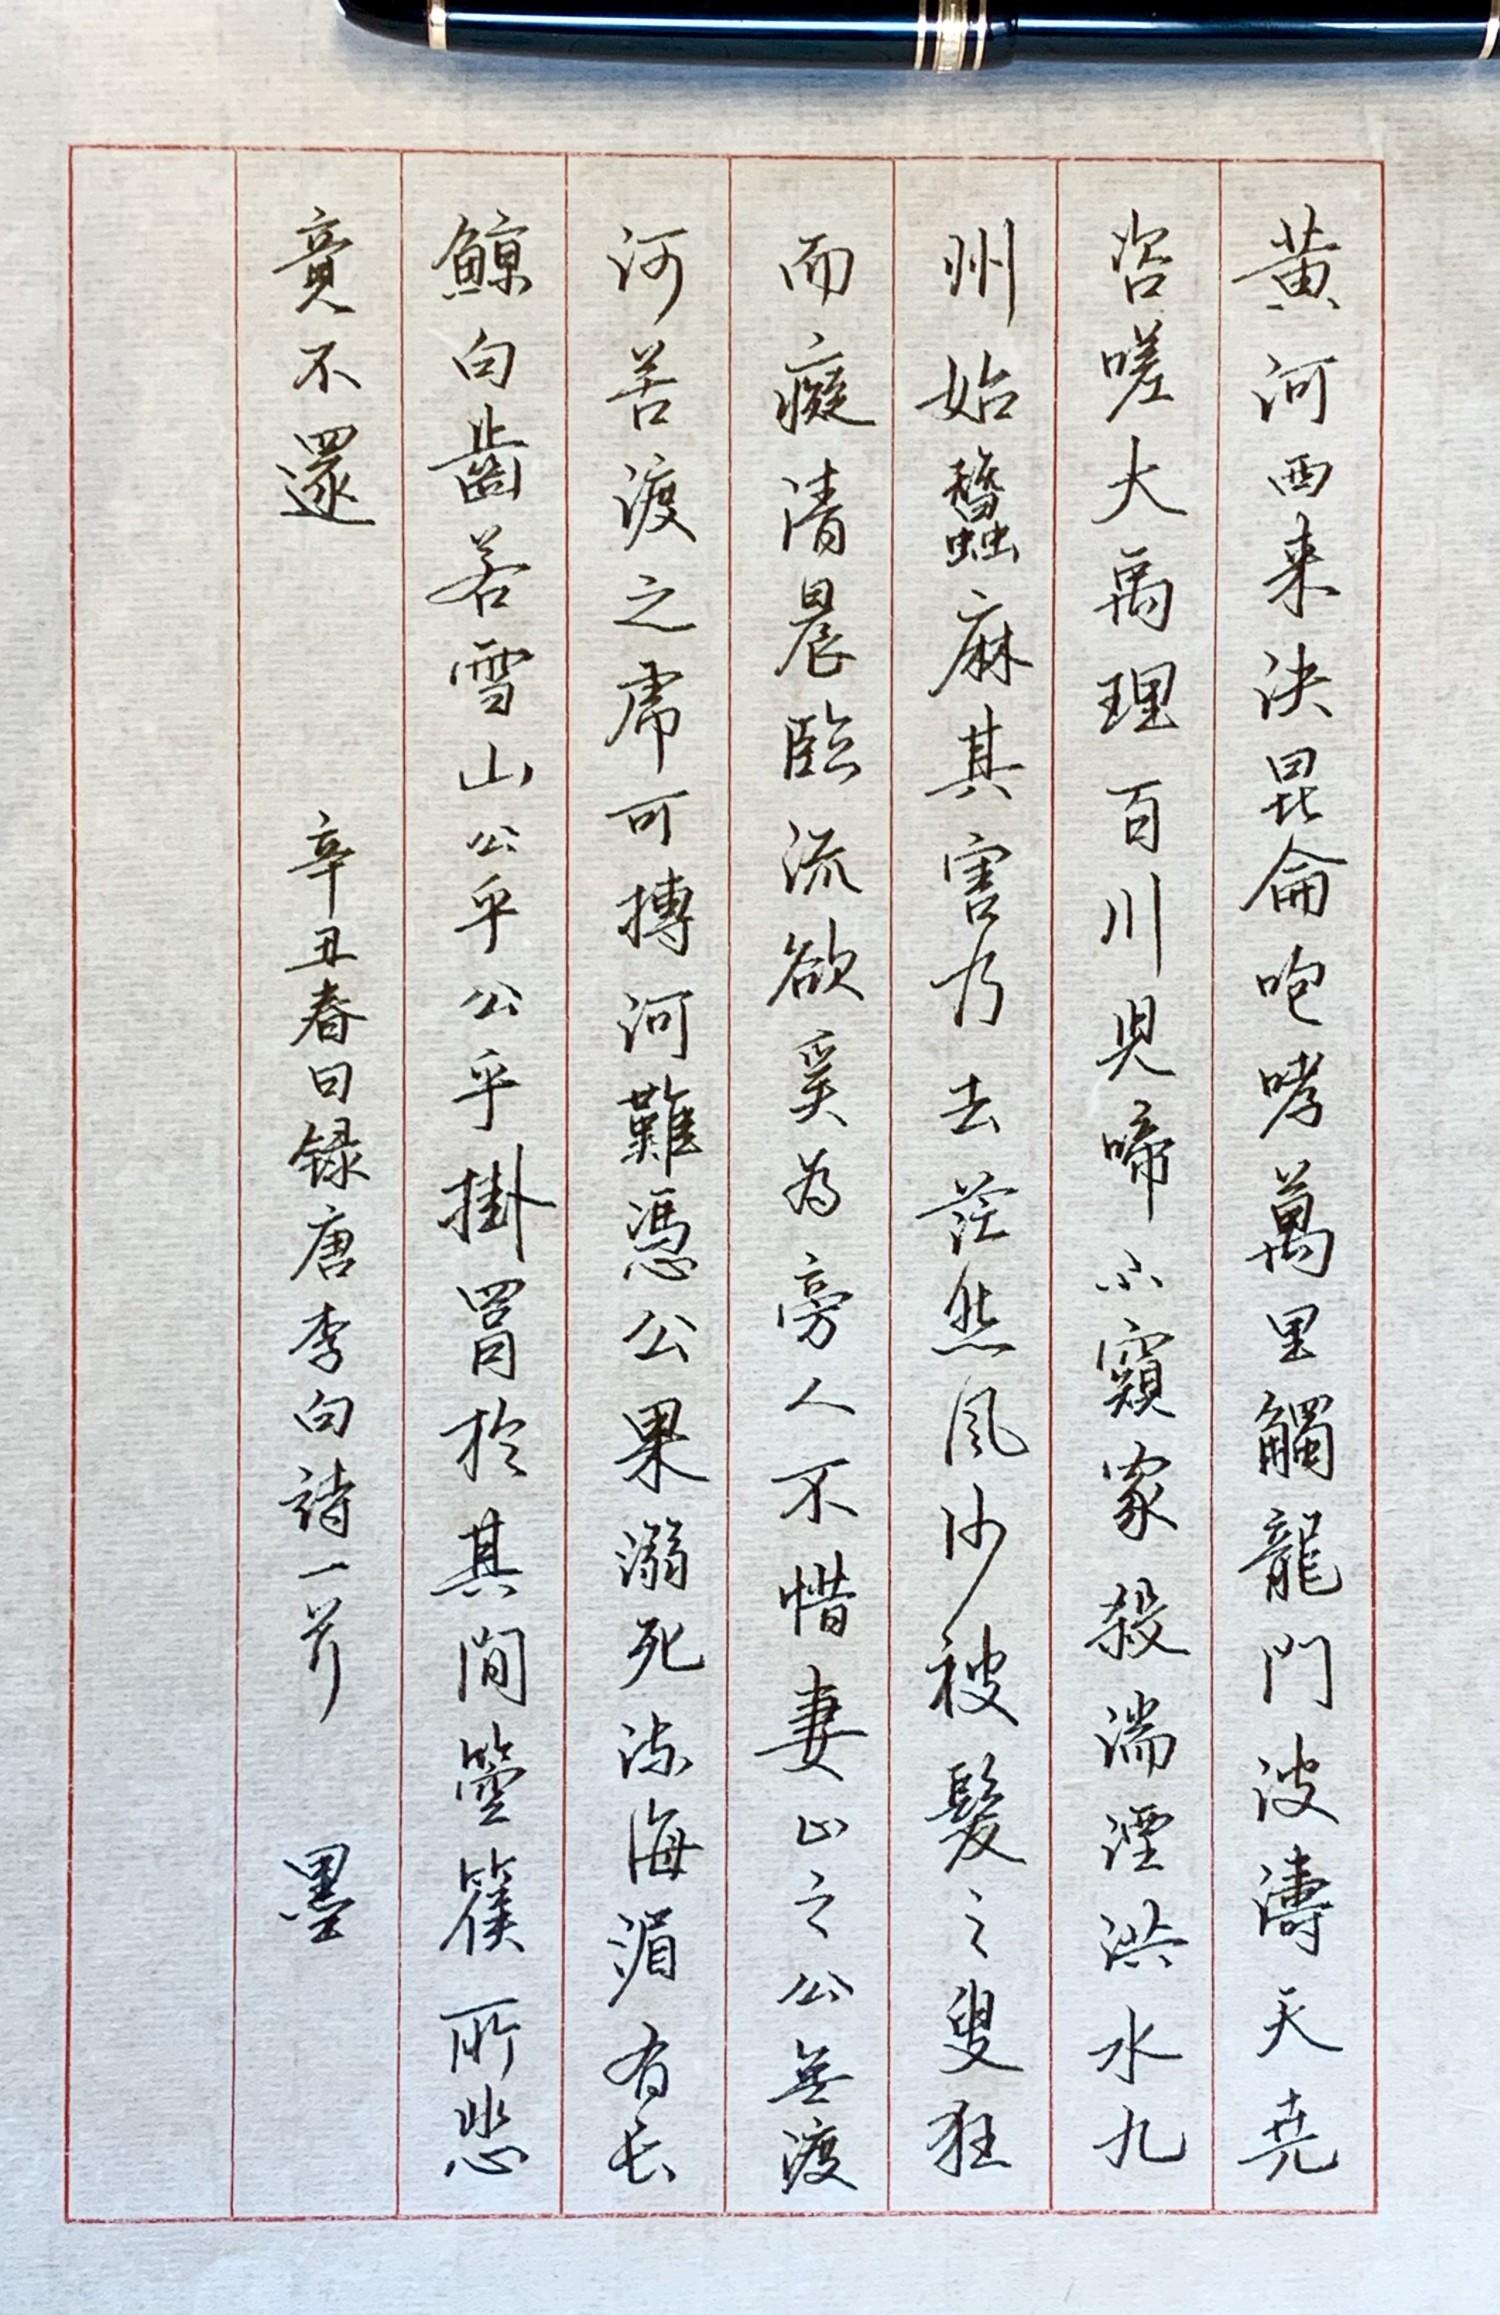 钢笔爱好者练字打卡20210406-12